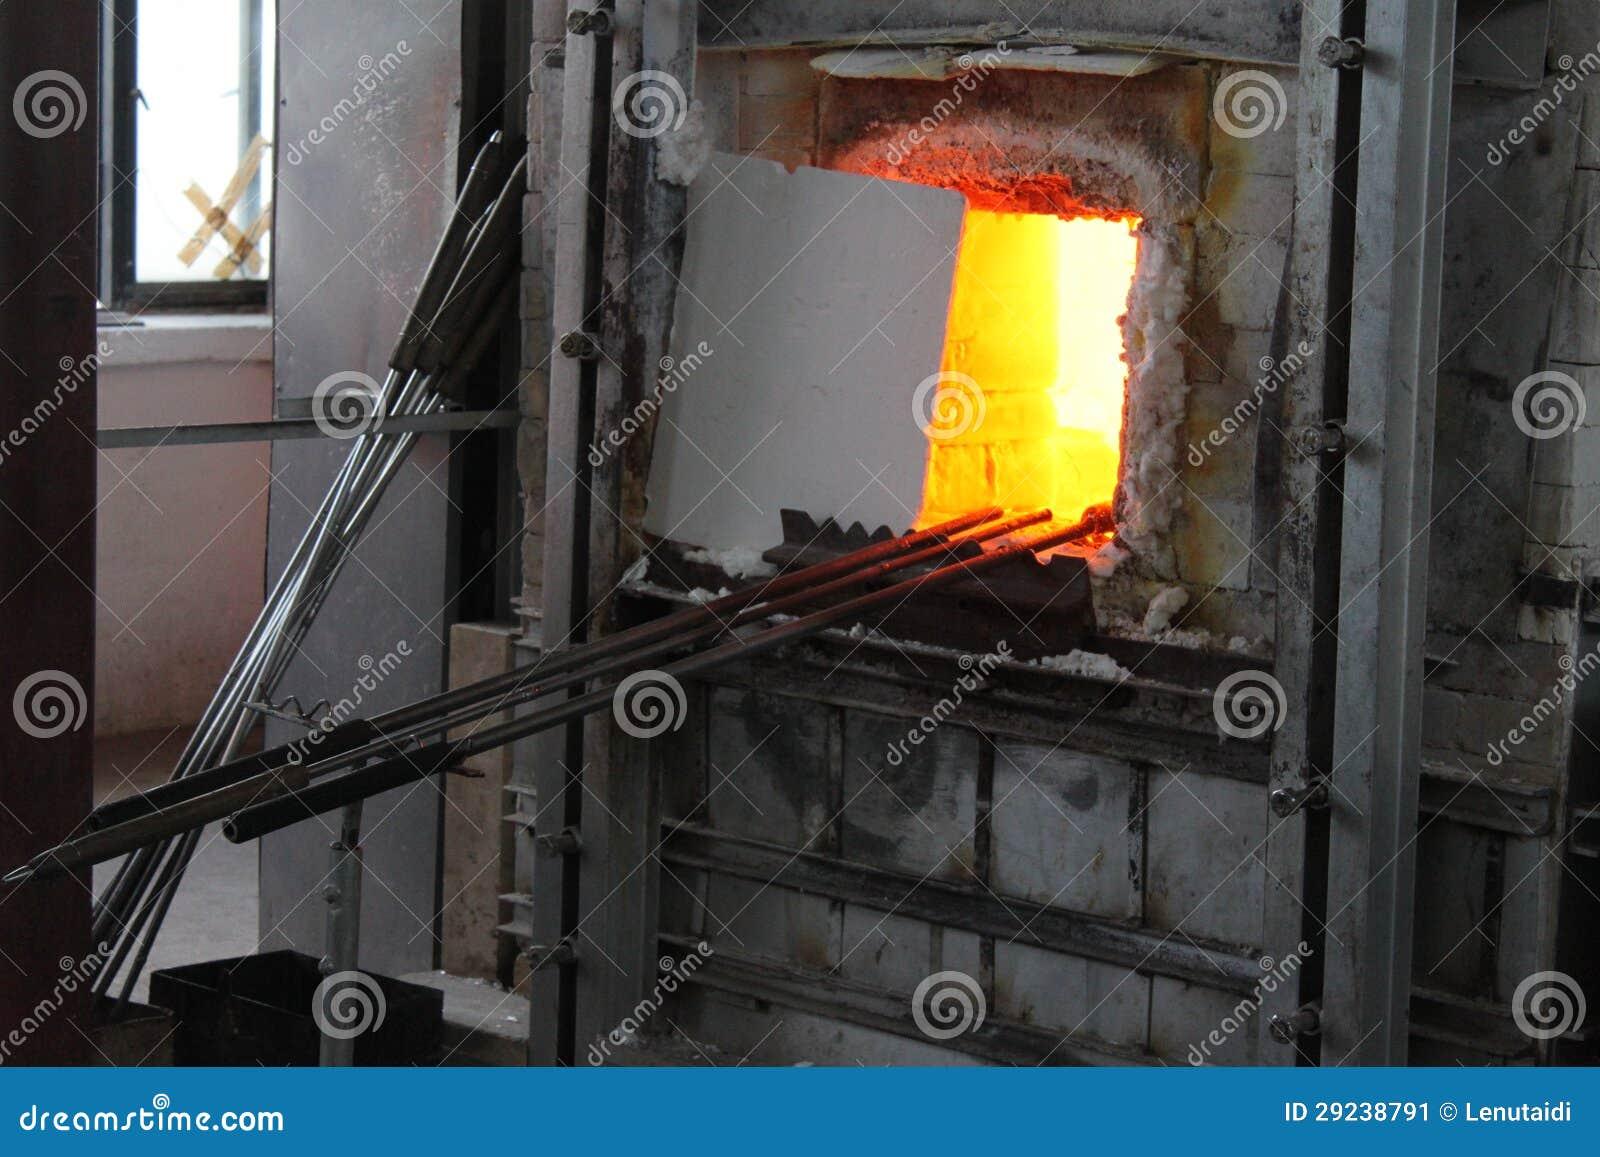 Download Forno imagem de stock. Imagem de vermelho, calor, clima - 29238791